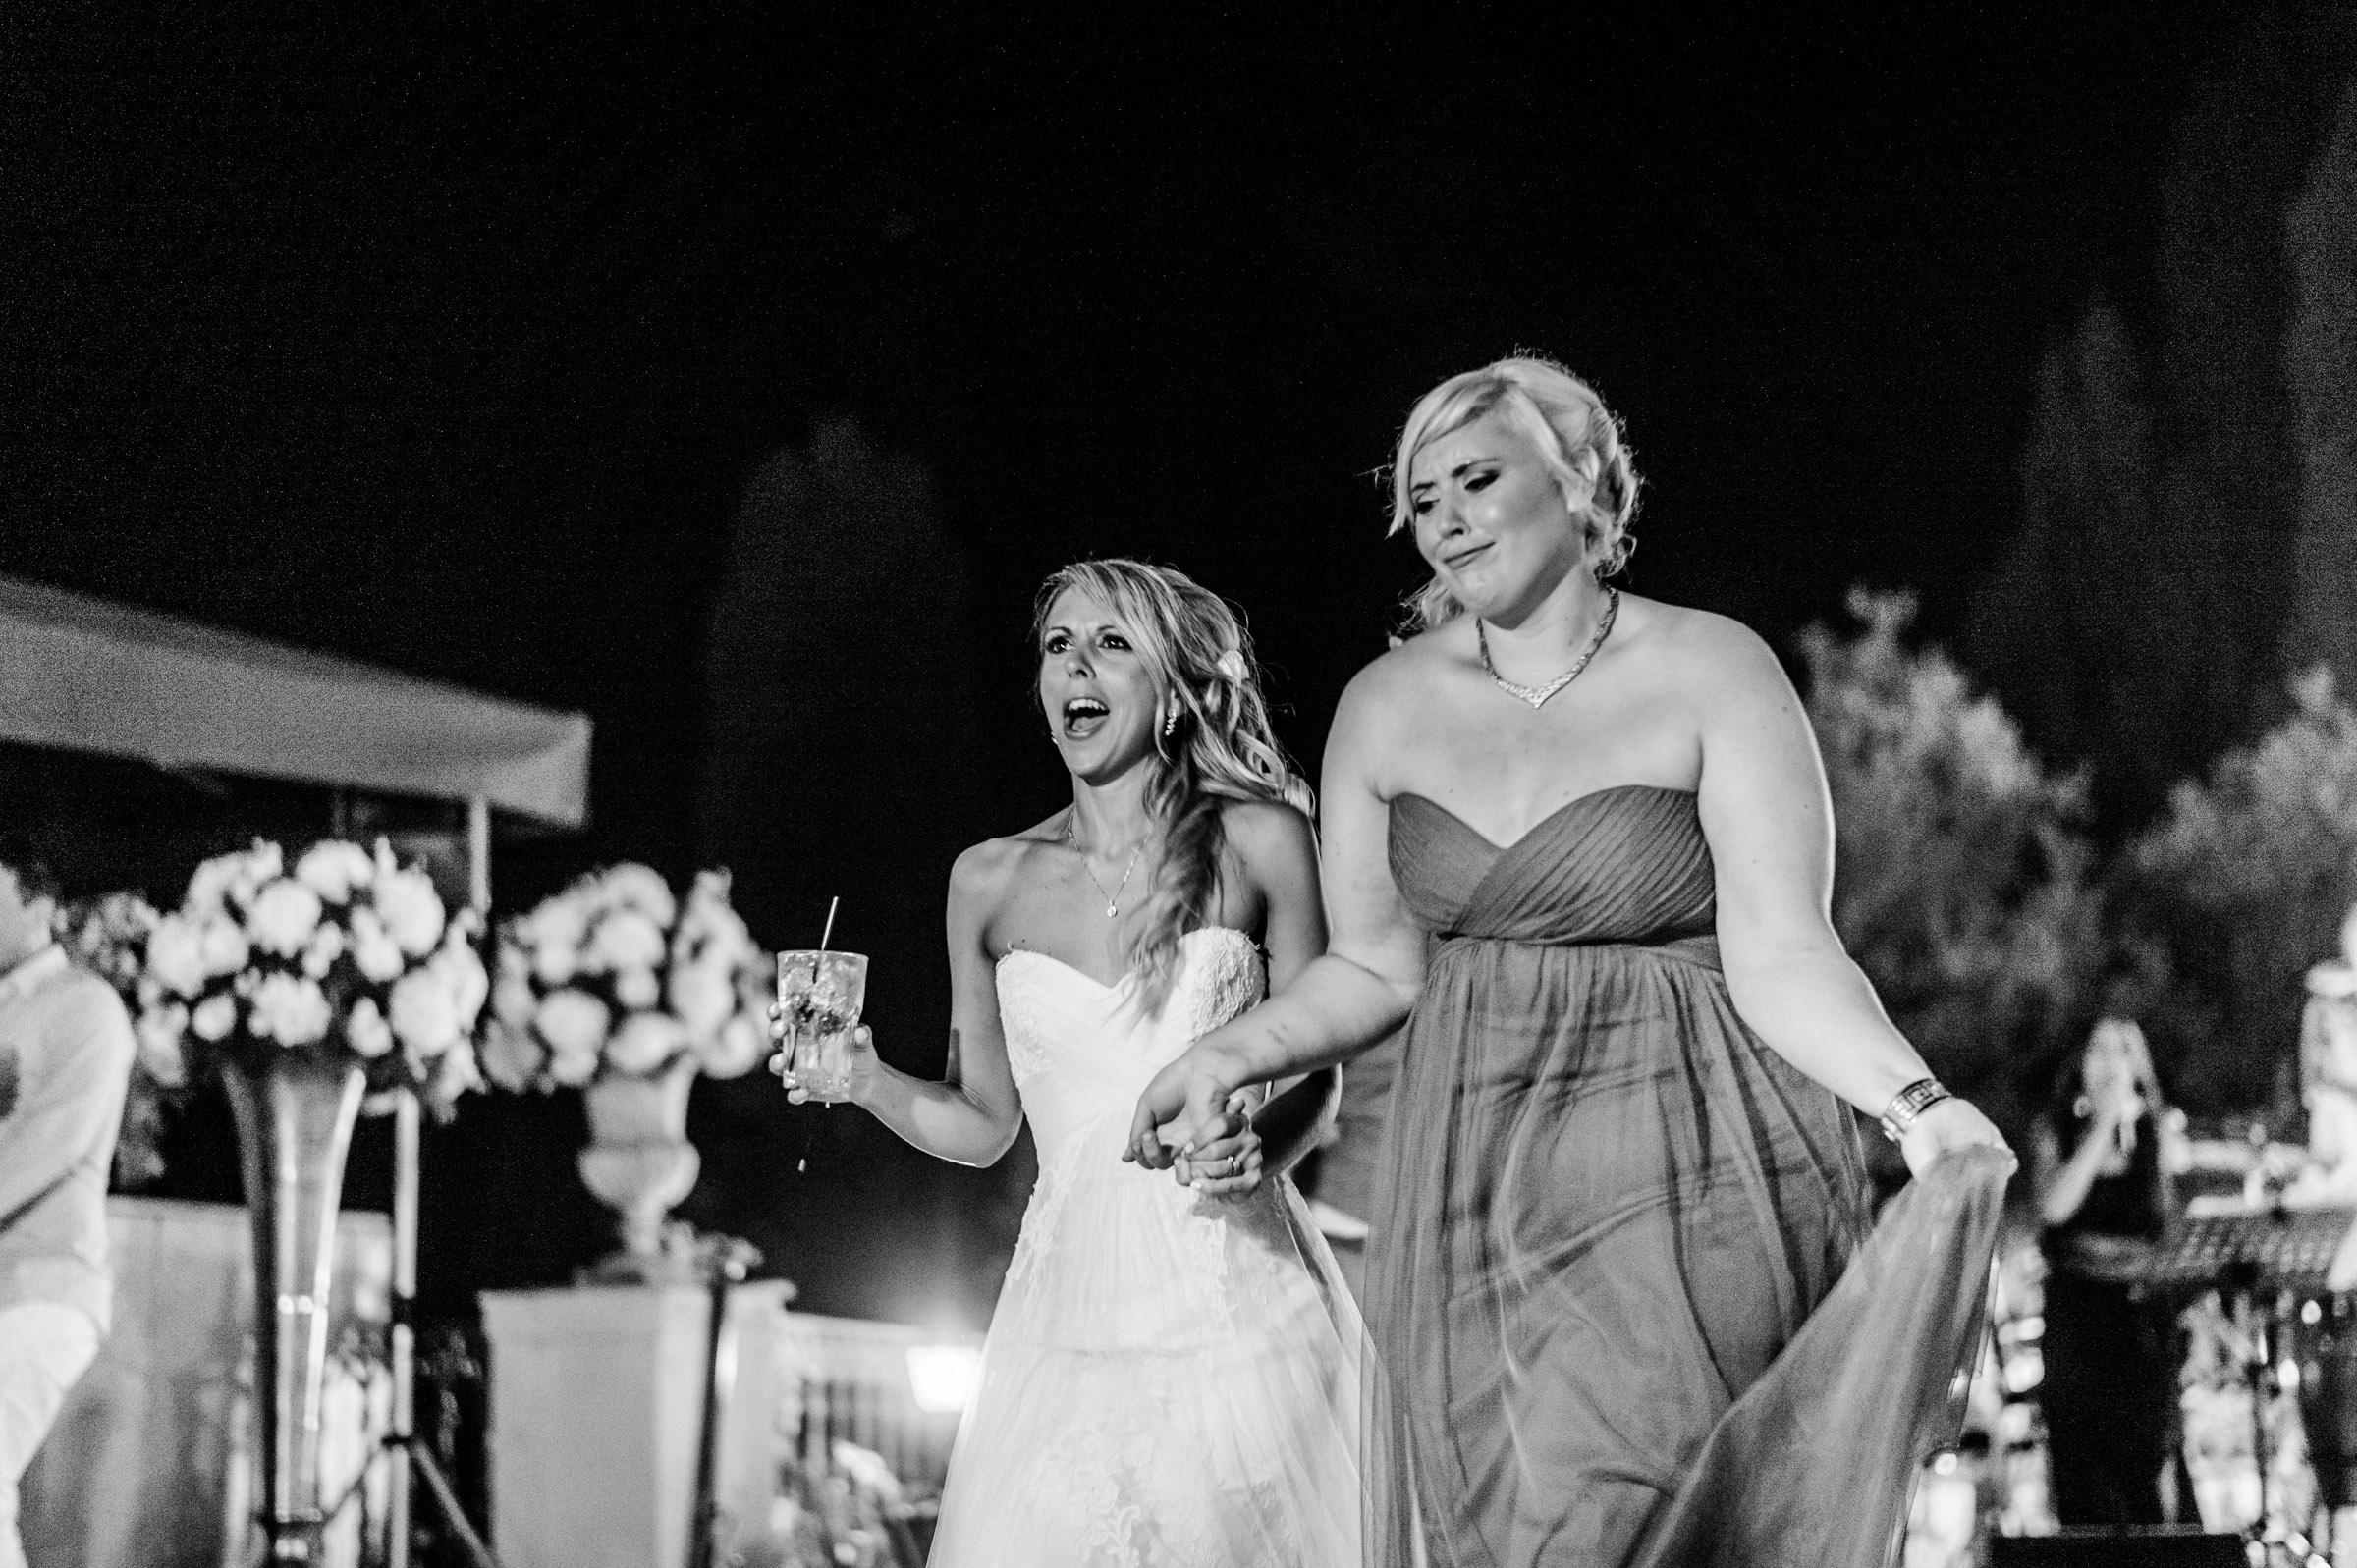 Corfu-Wedding-Photography-0105.jpg